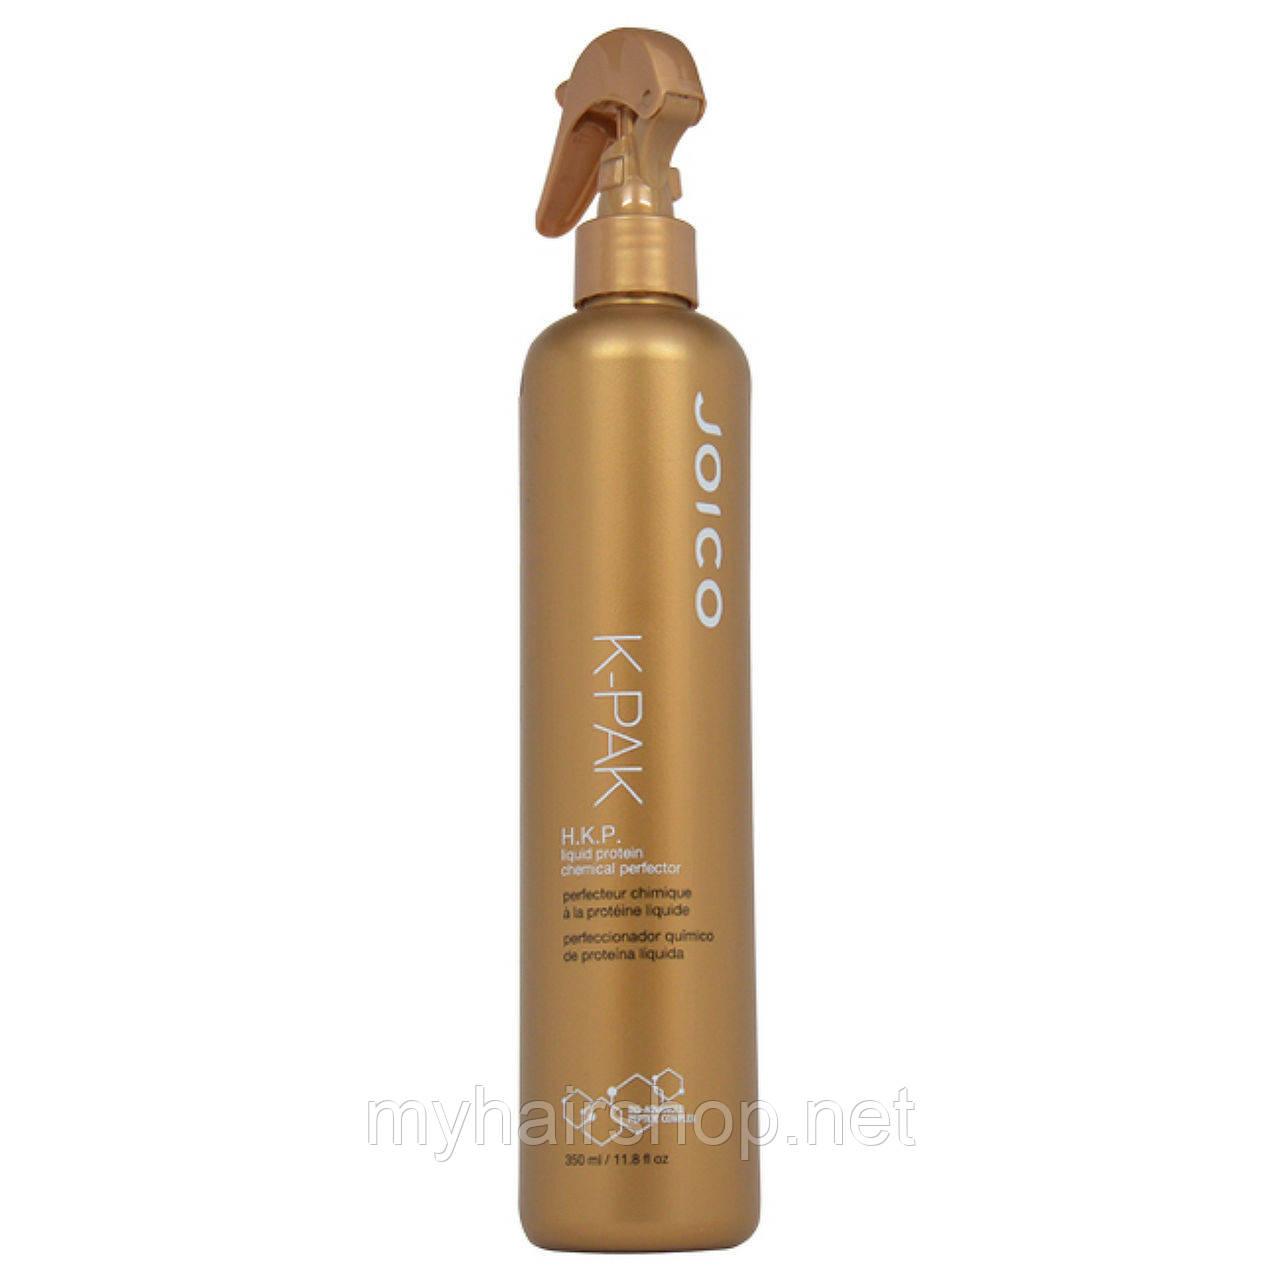 Протеин жидкий для тонких, поврежденных волос Joico K-PAK